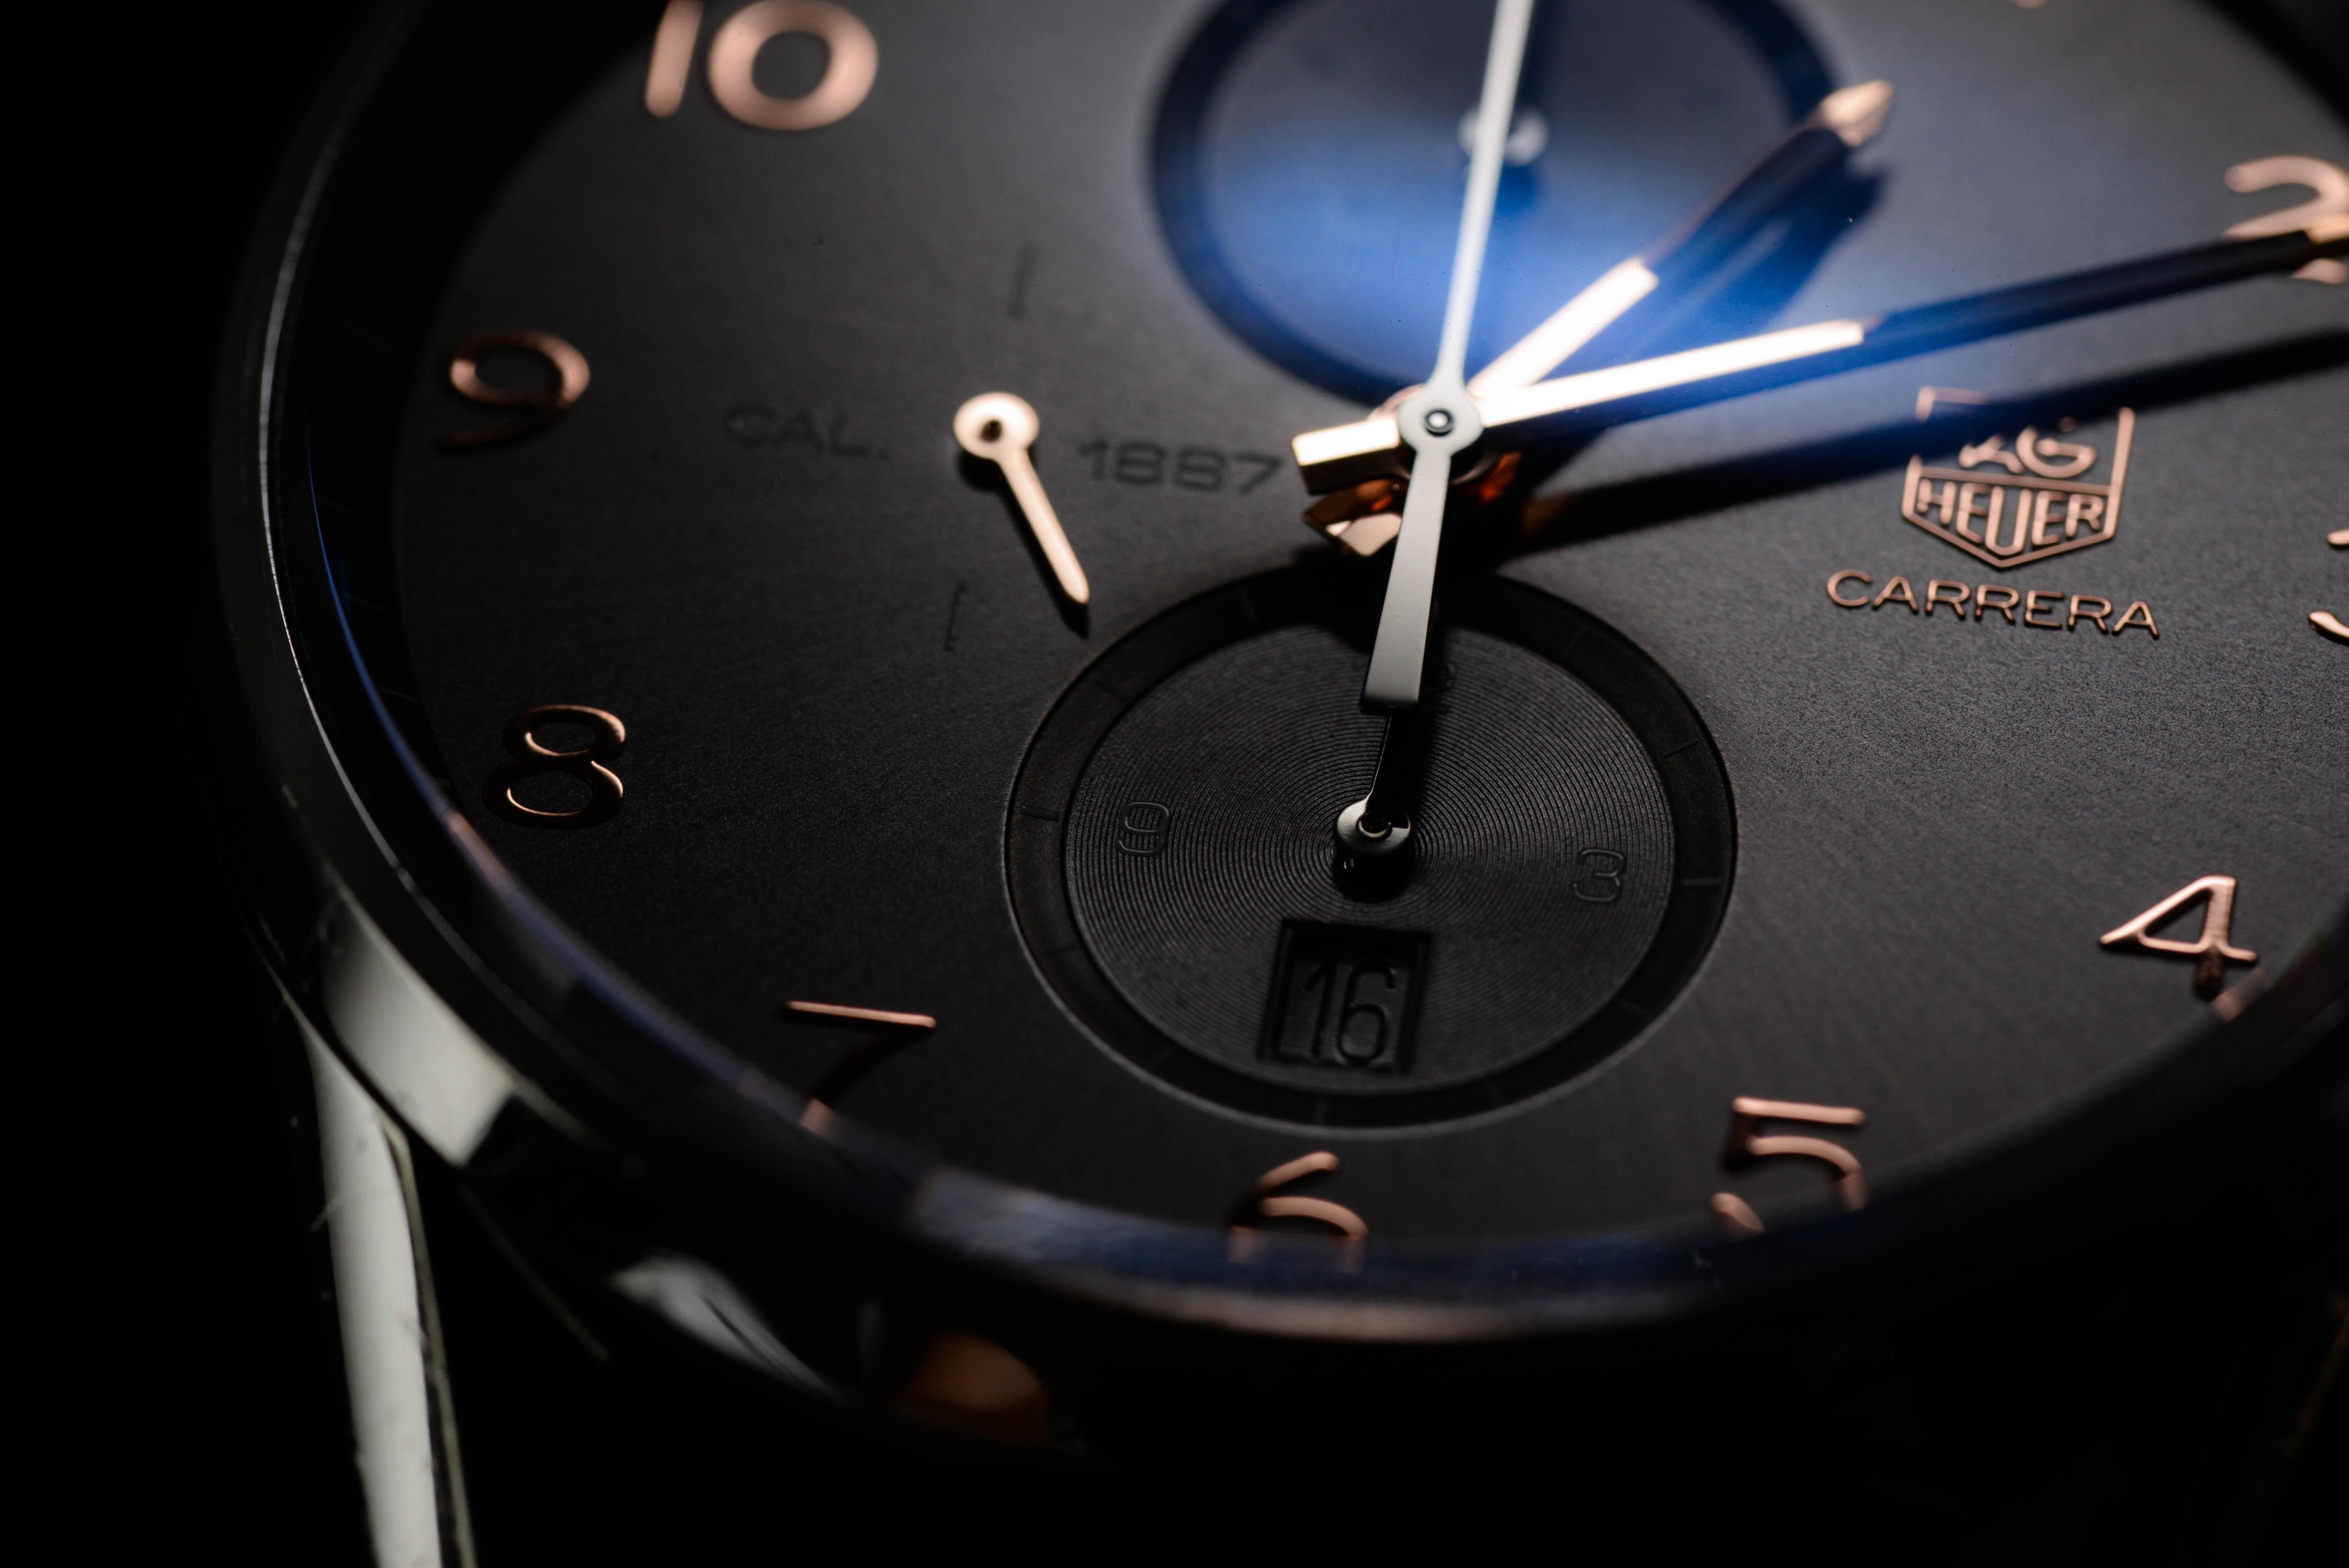 この腕時計と一緒に頑張ろうと思い購入